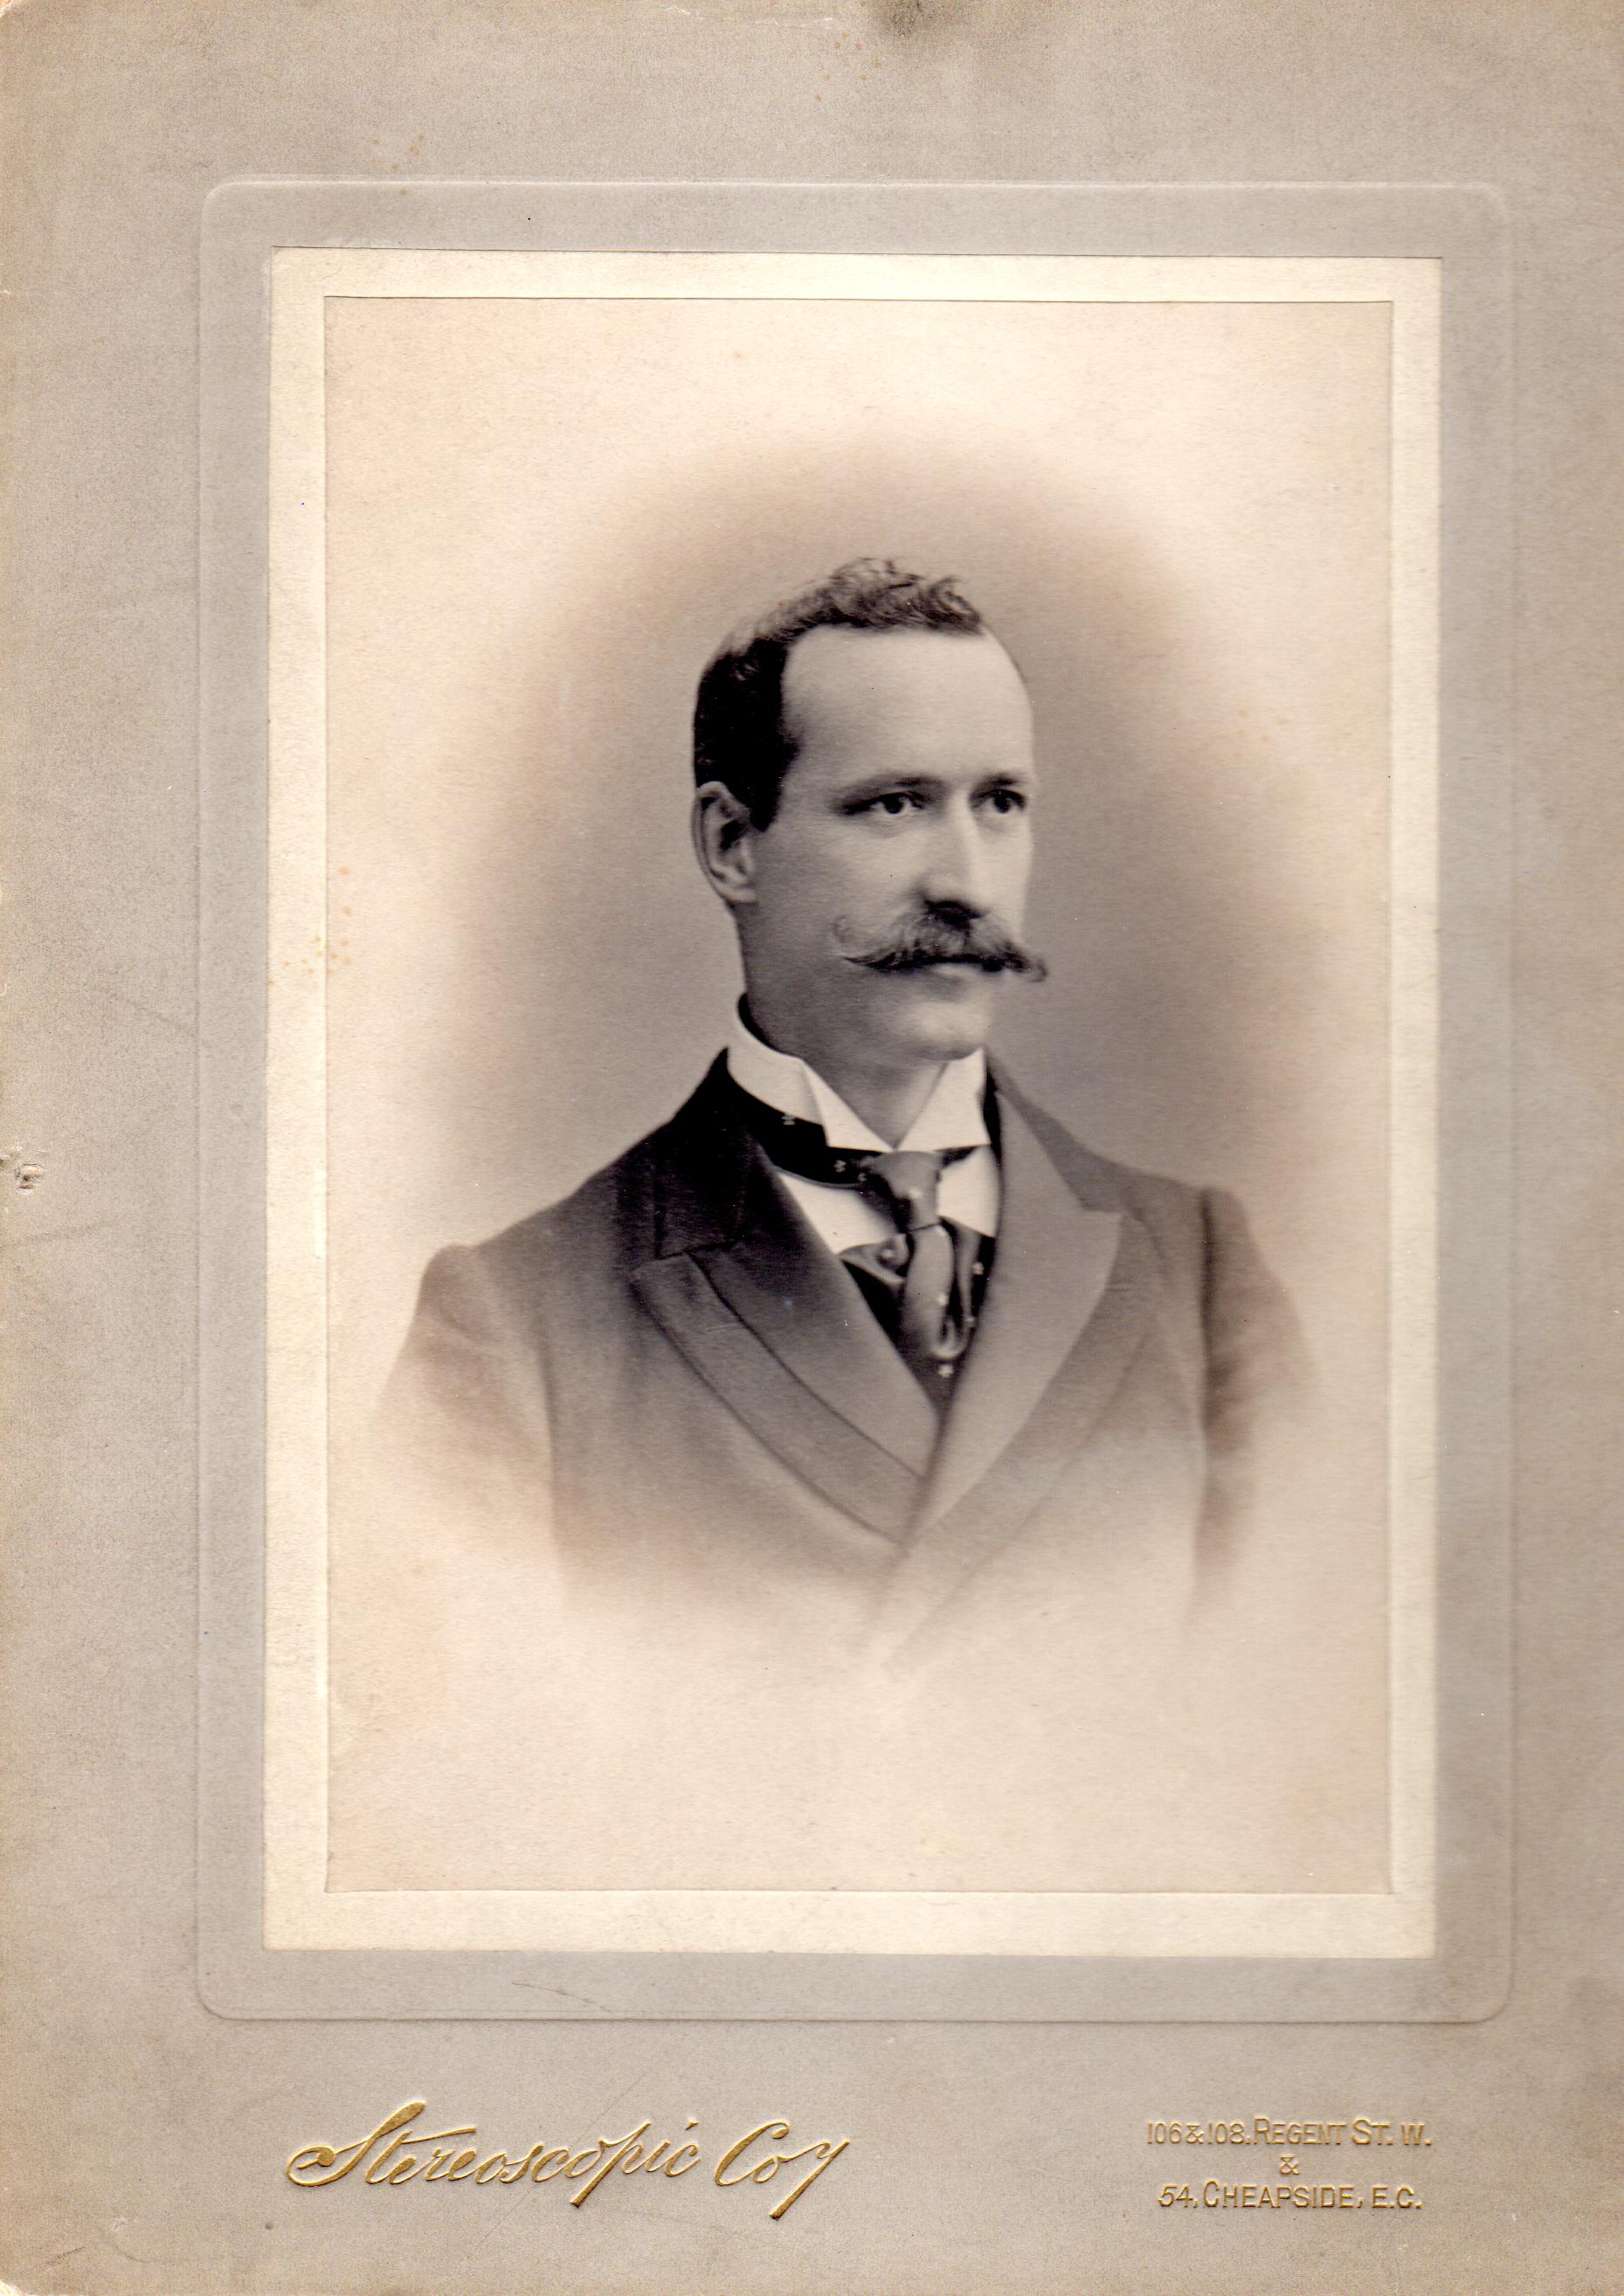 Alfred O'Bryen